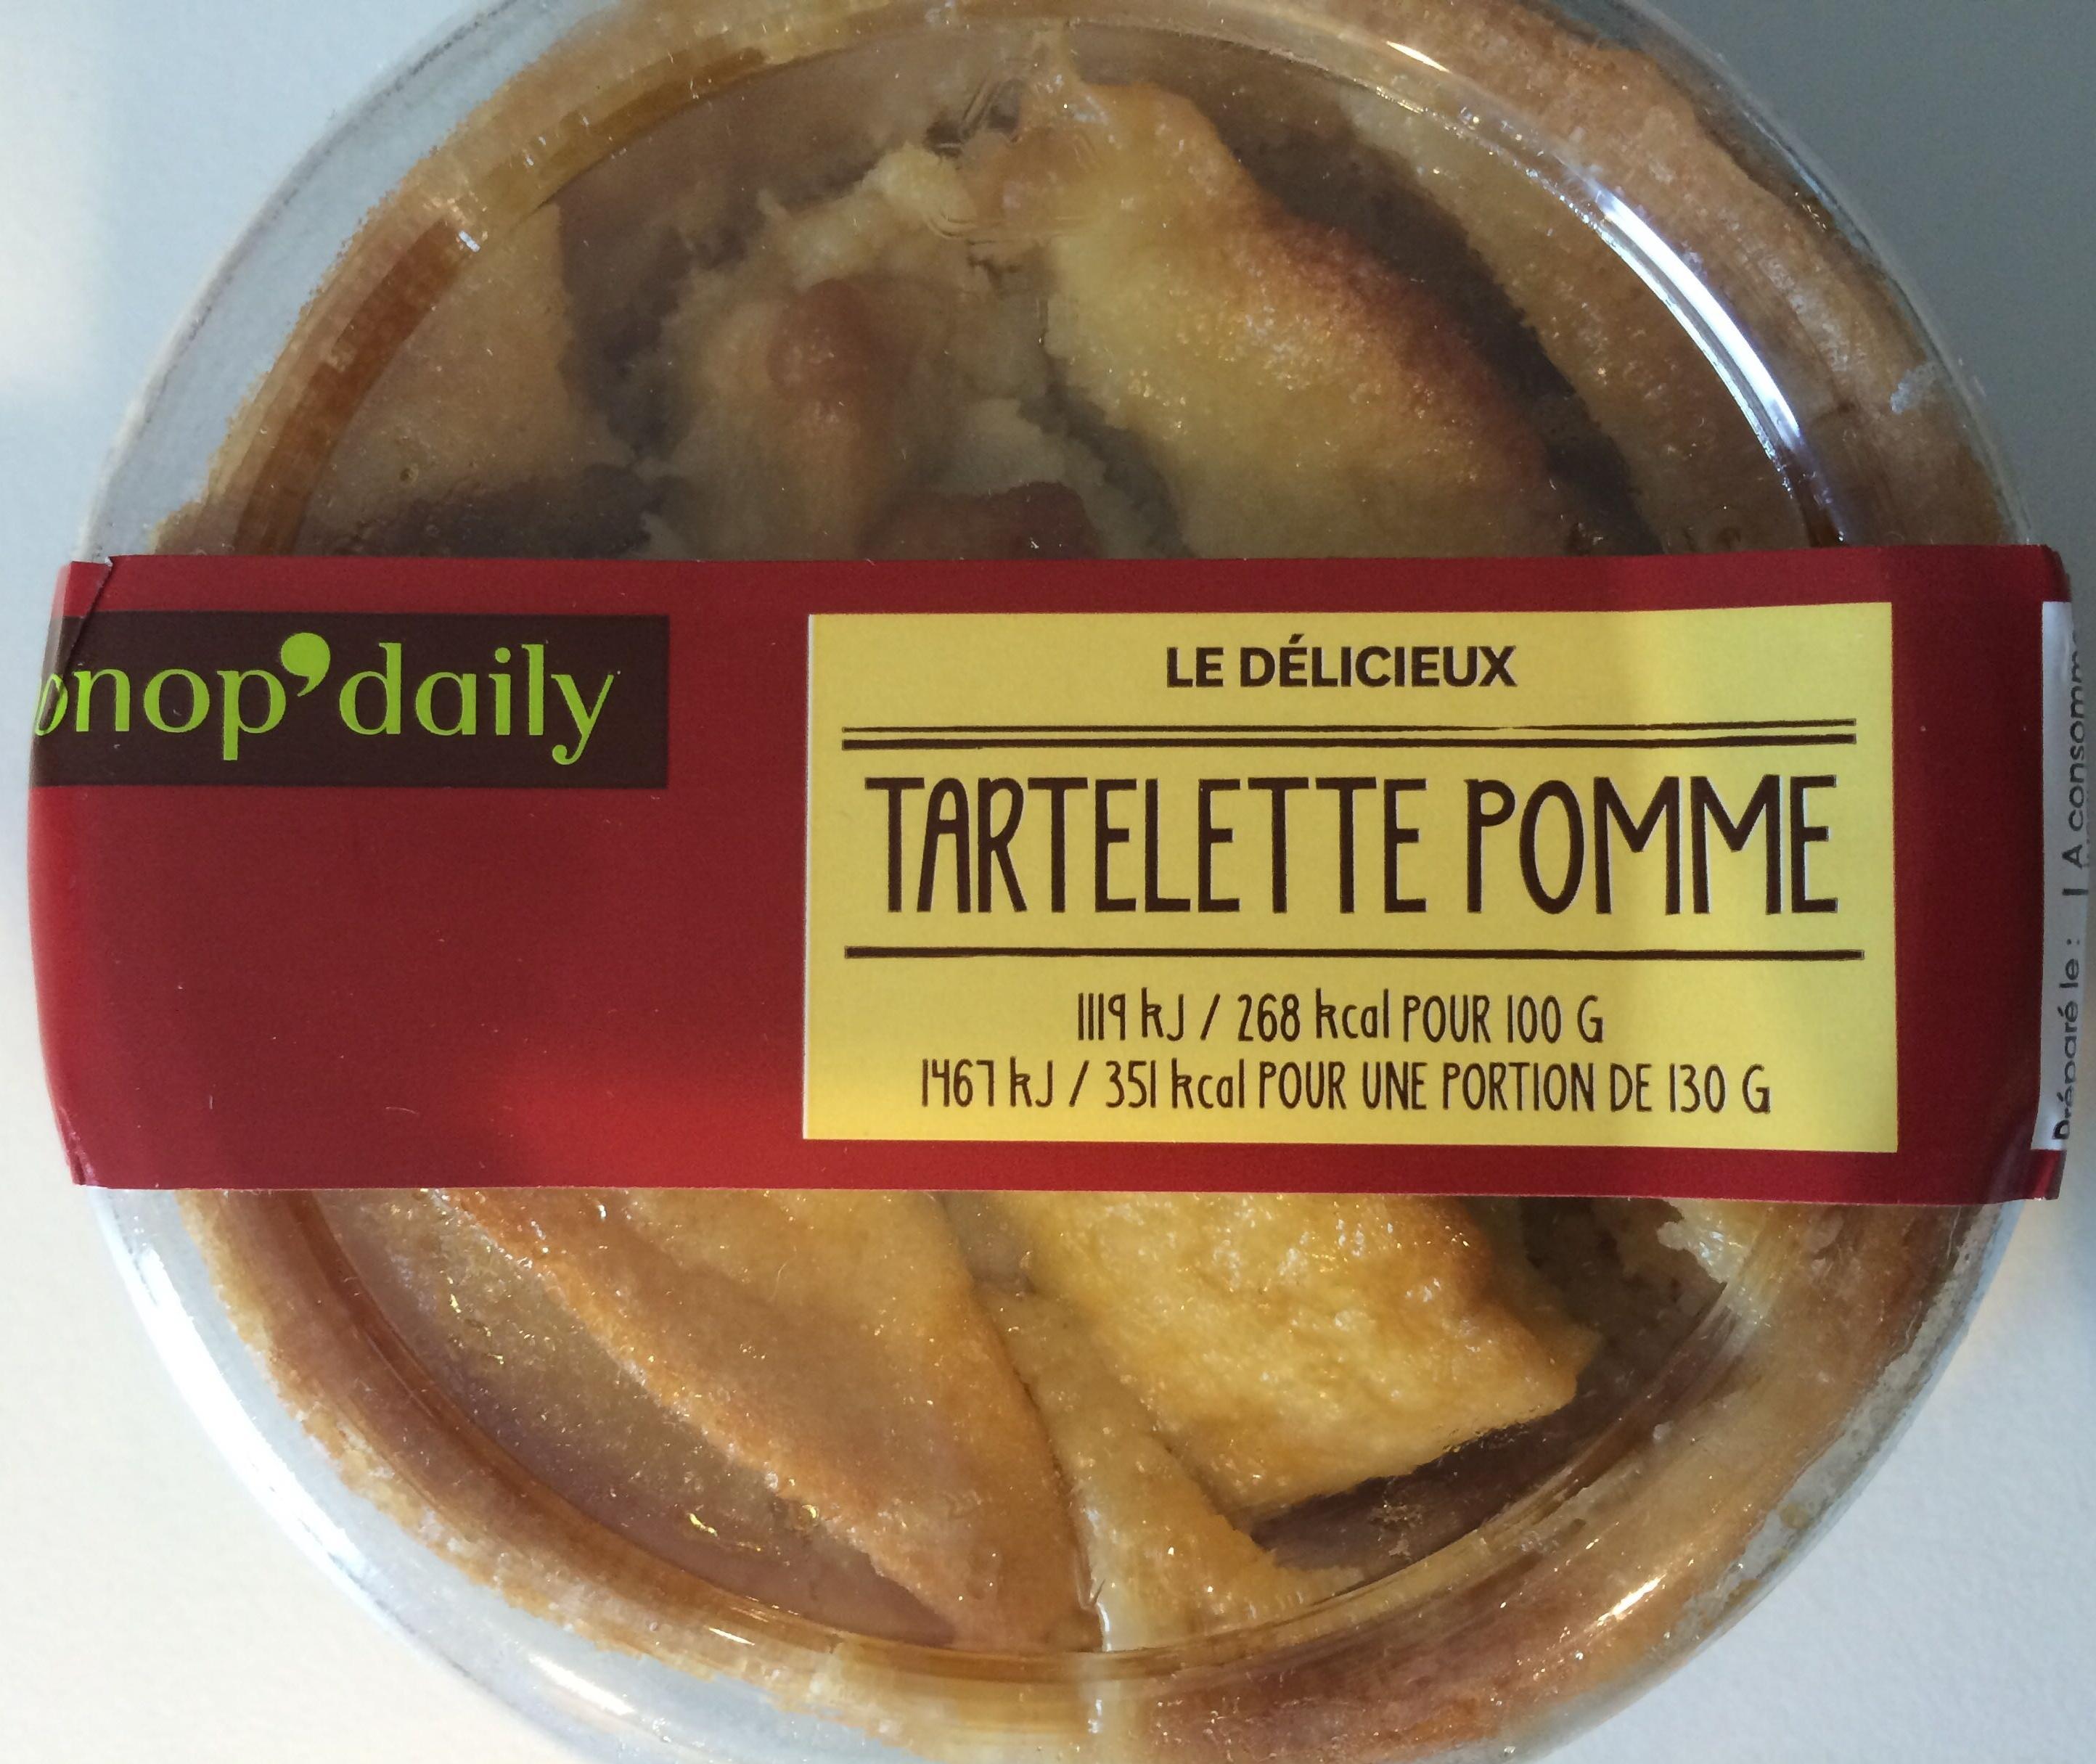 Tartelette Pomme - Product - fr